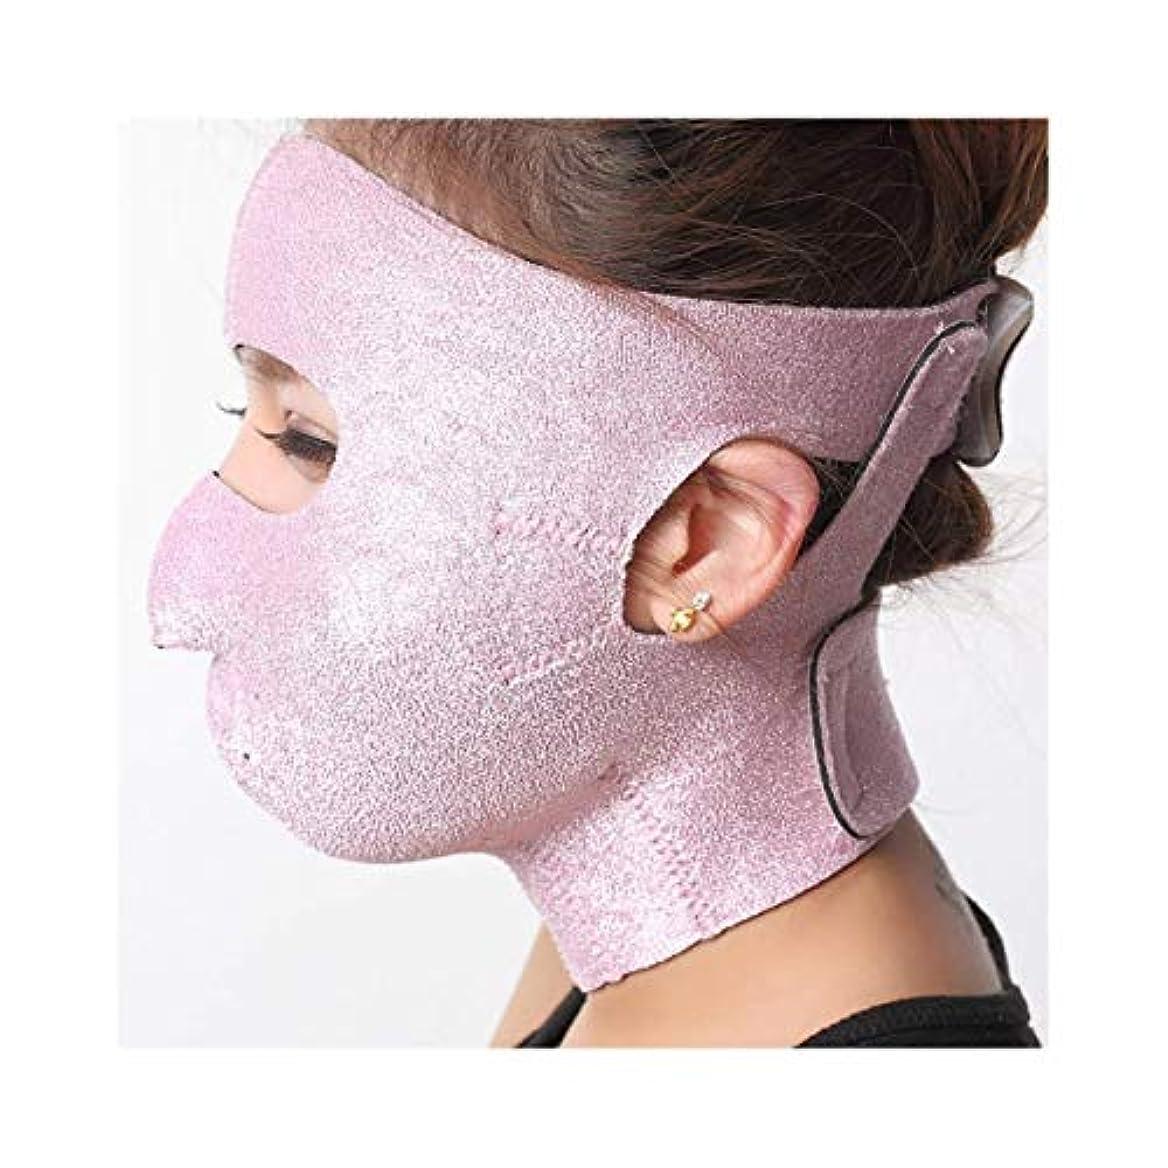 クルーハリケーンまともな引き締めフェイスマスク、小さなVフェイスアーティファクト睡眠リフティングマスク付き薄型フェイスバンデージマスク引き締めクリームフェイスリフトフェイスメロンフェイス楽器